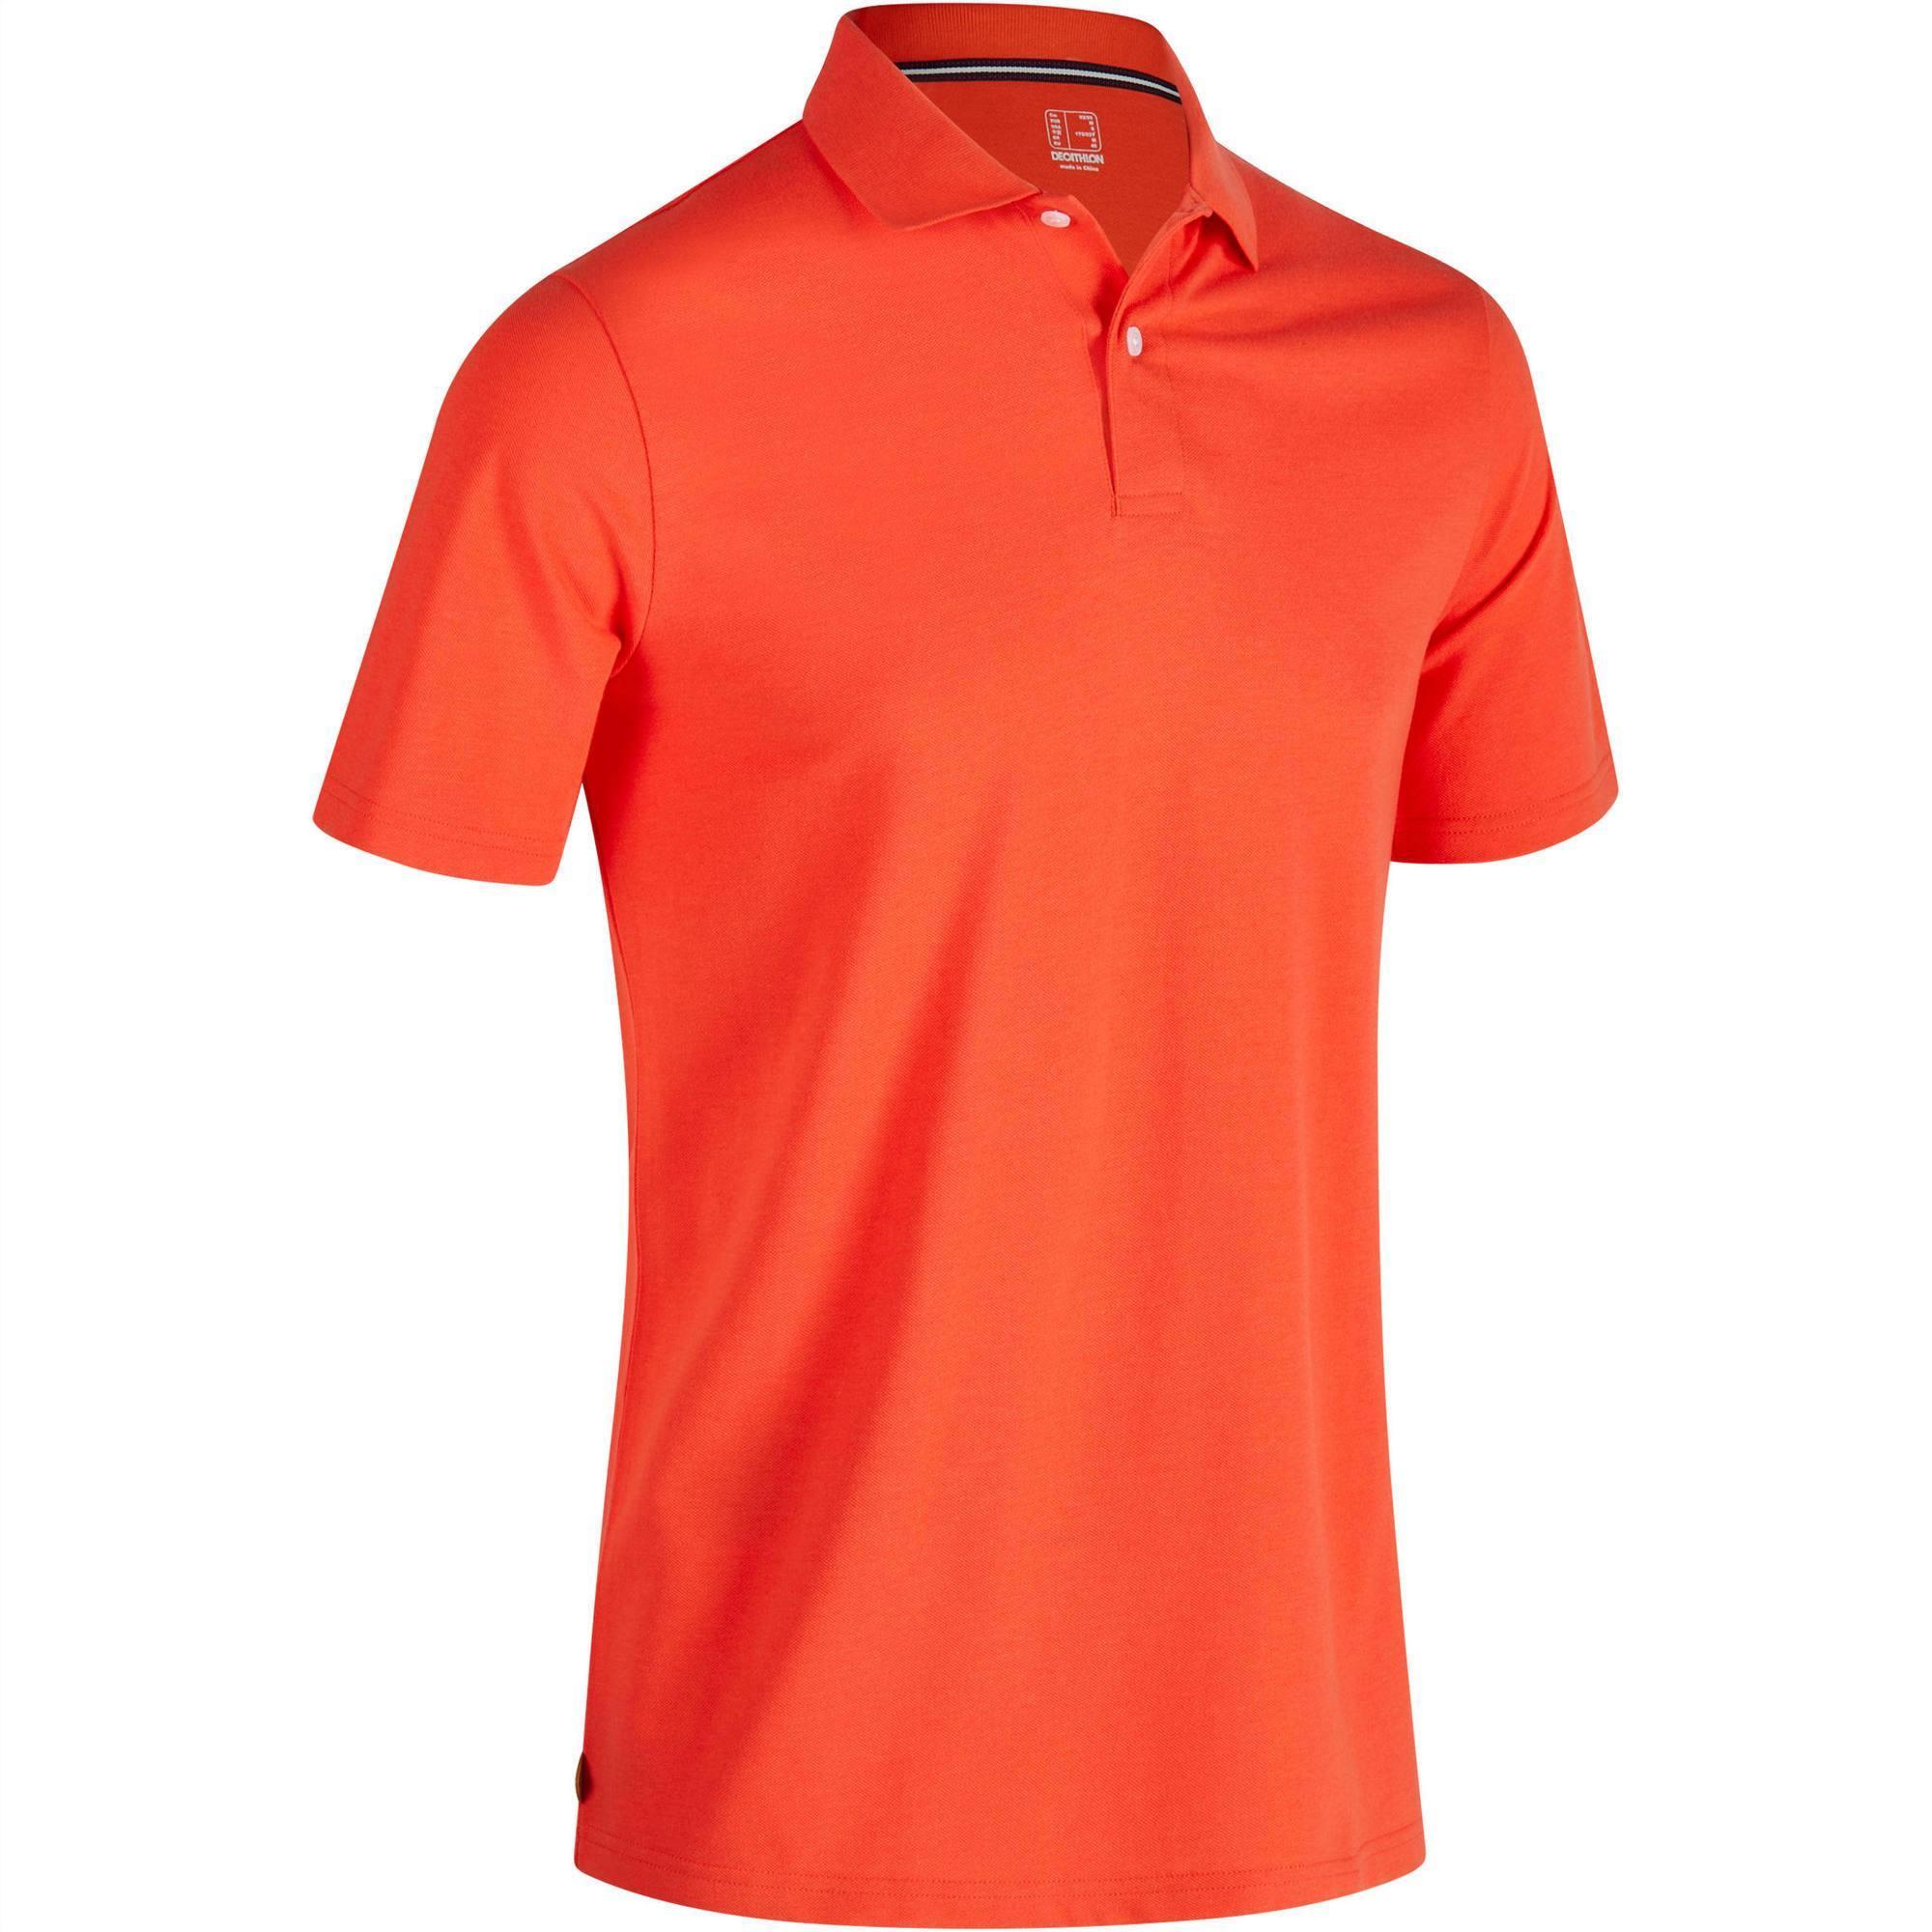 Polo de golf homme manches courtes 500 temps chaud rouge